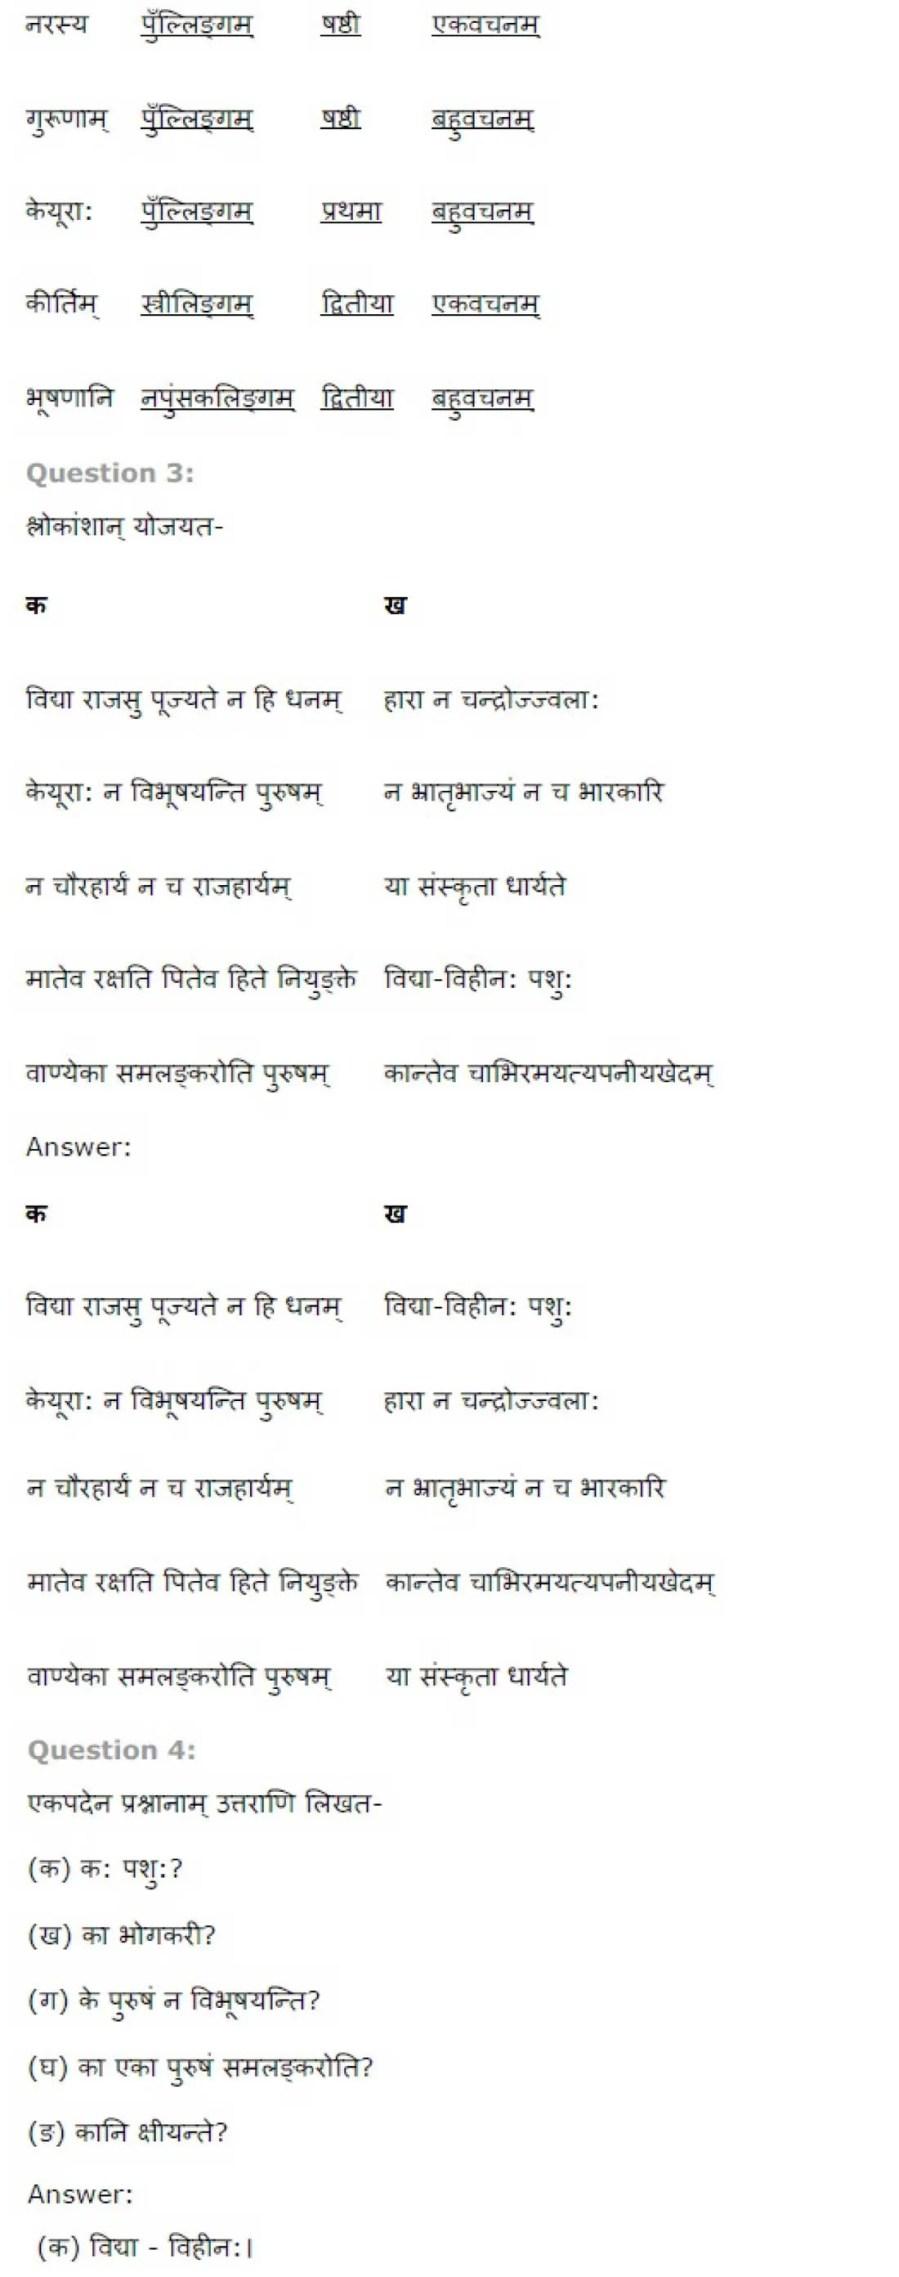 ncert solutions for class 7 sanskrit chapter 13 amrutan sanskrutam 2